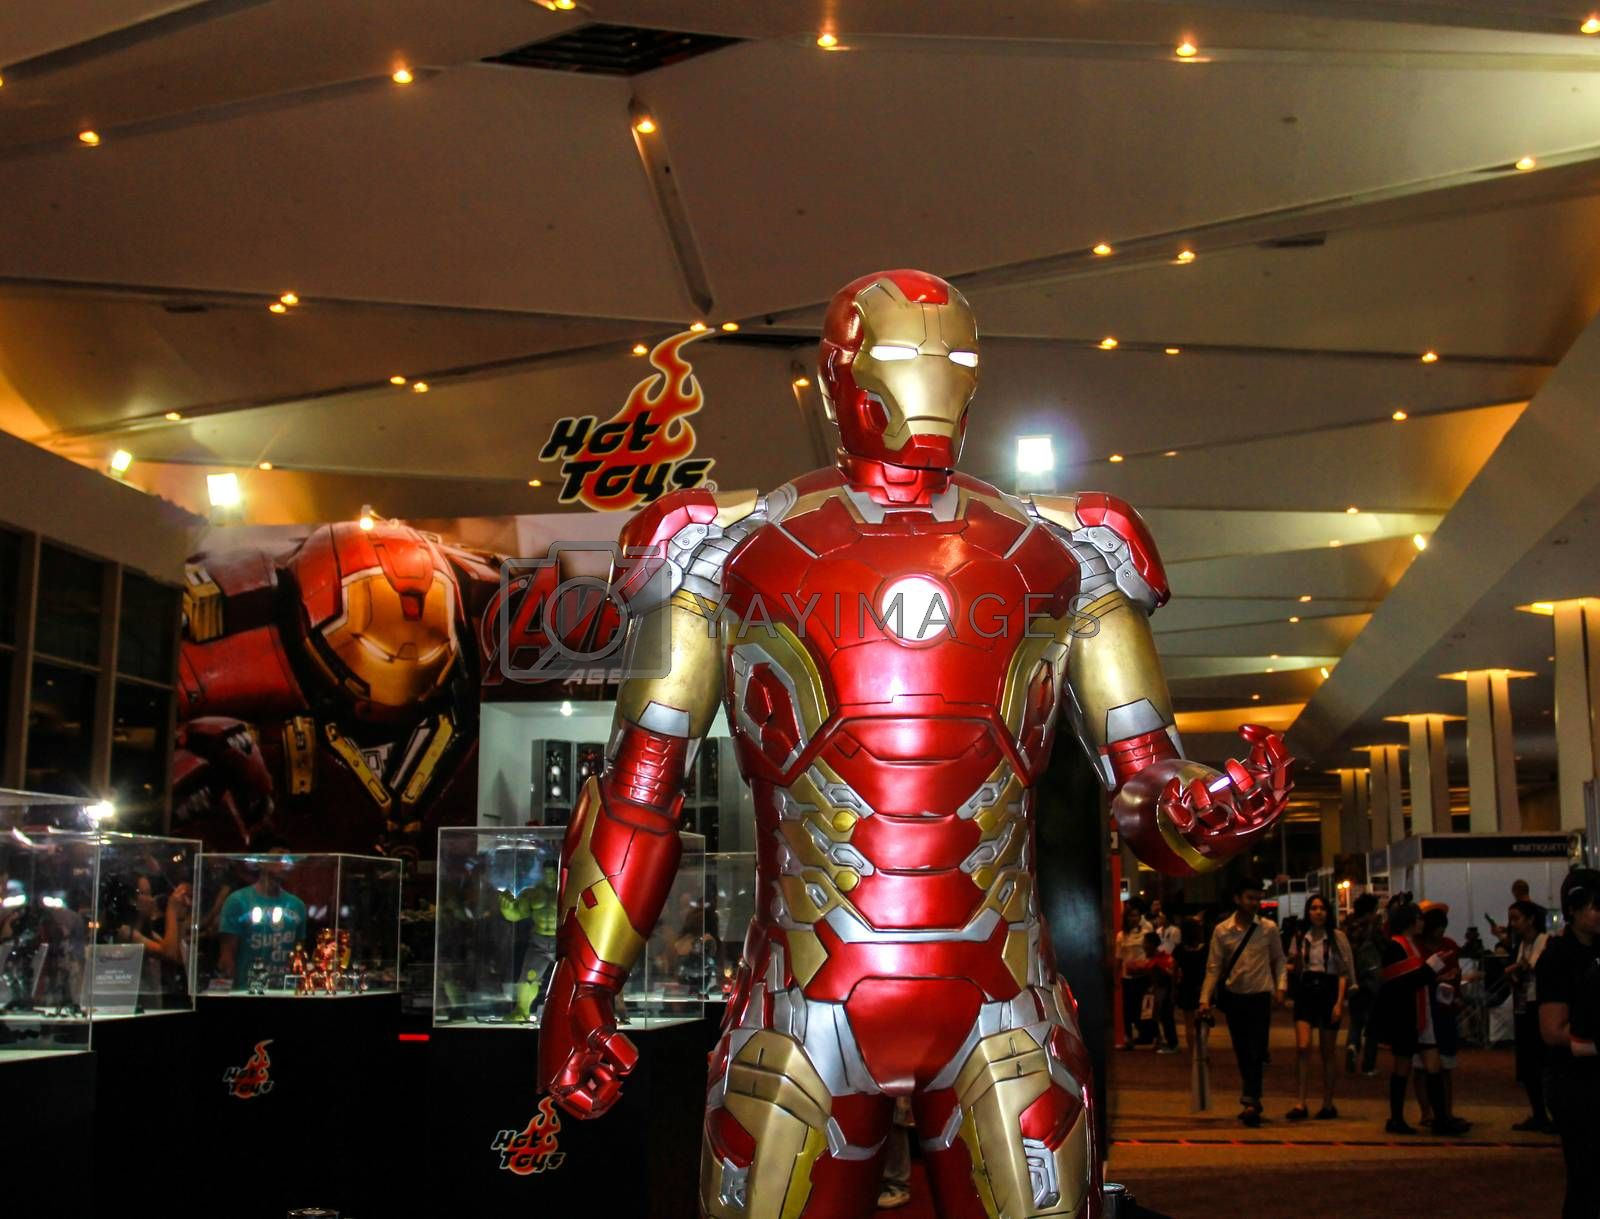 Bangkok - May 2: An Iron Man model in Thailand Comic Con 2015 on May 2, 2015 at Siam Paragon, Bangkok, Thailand.